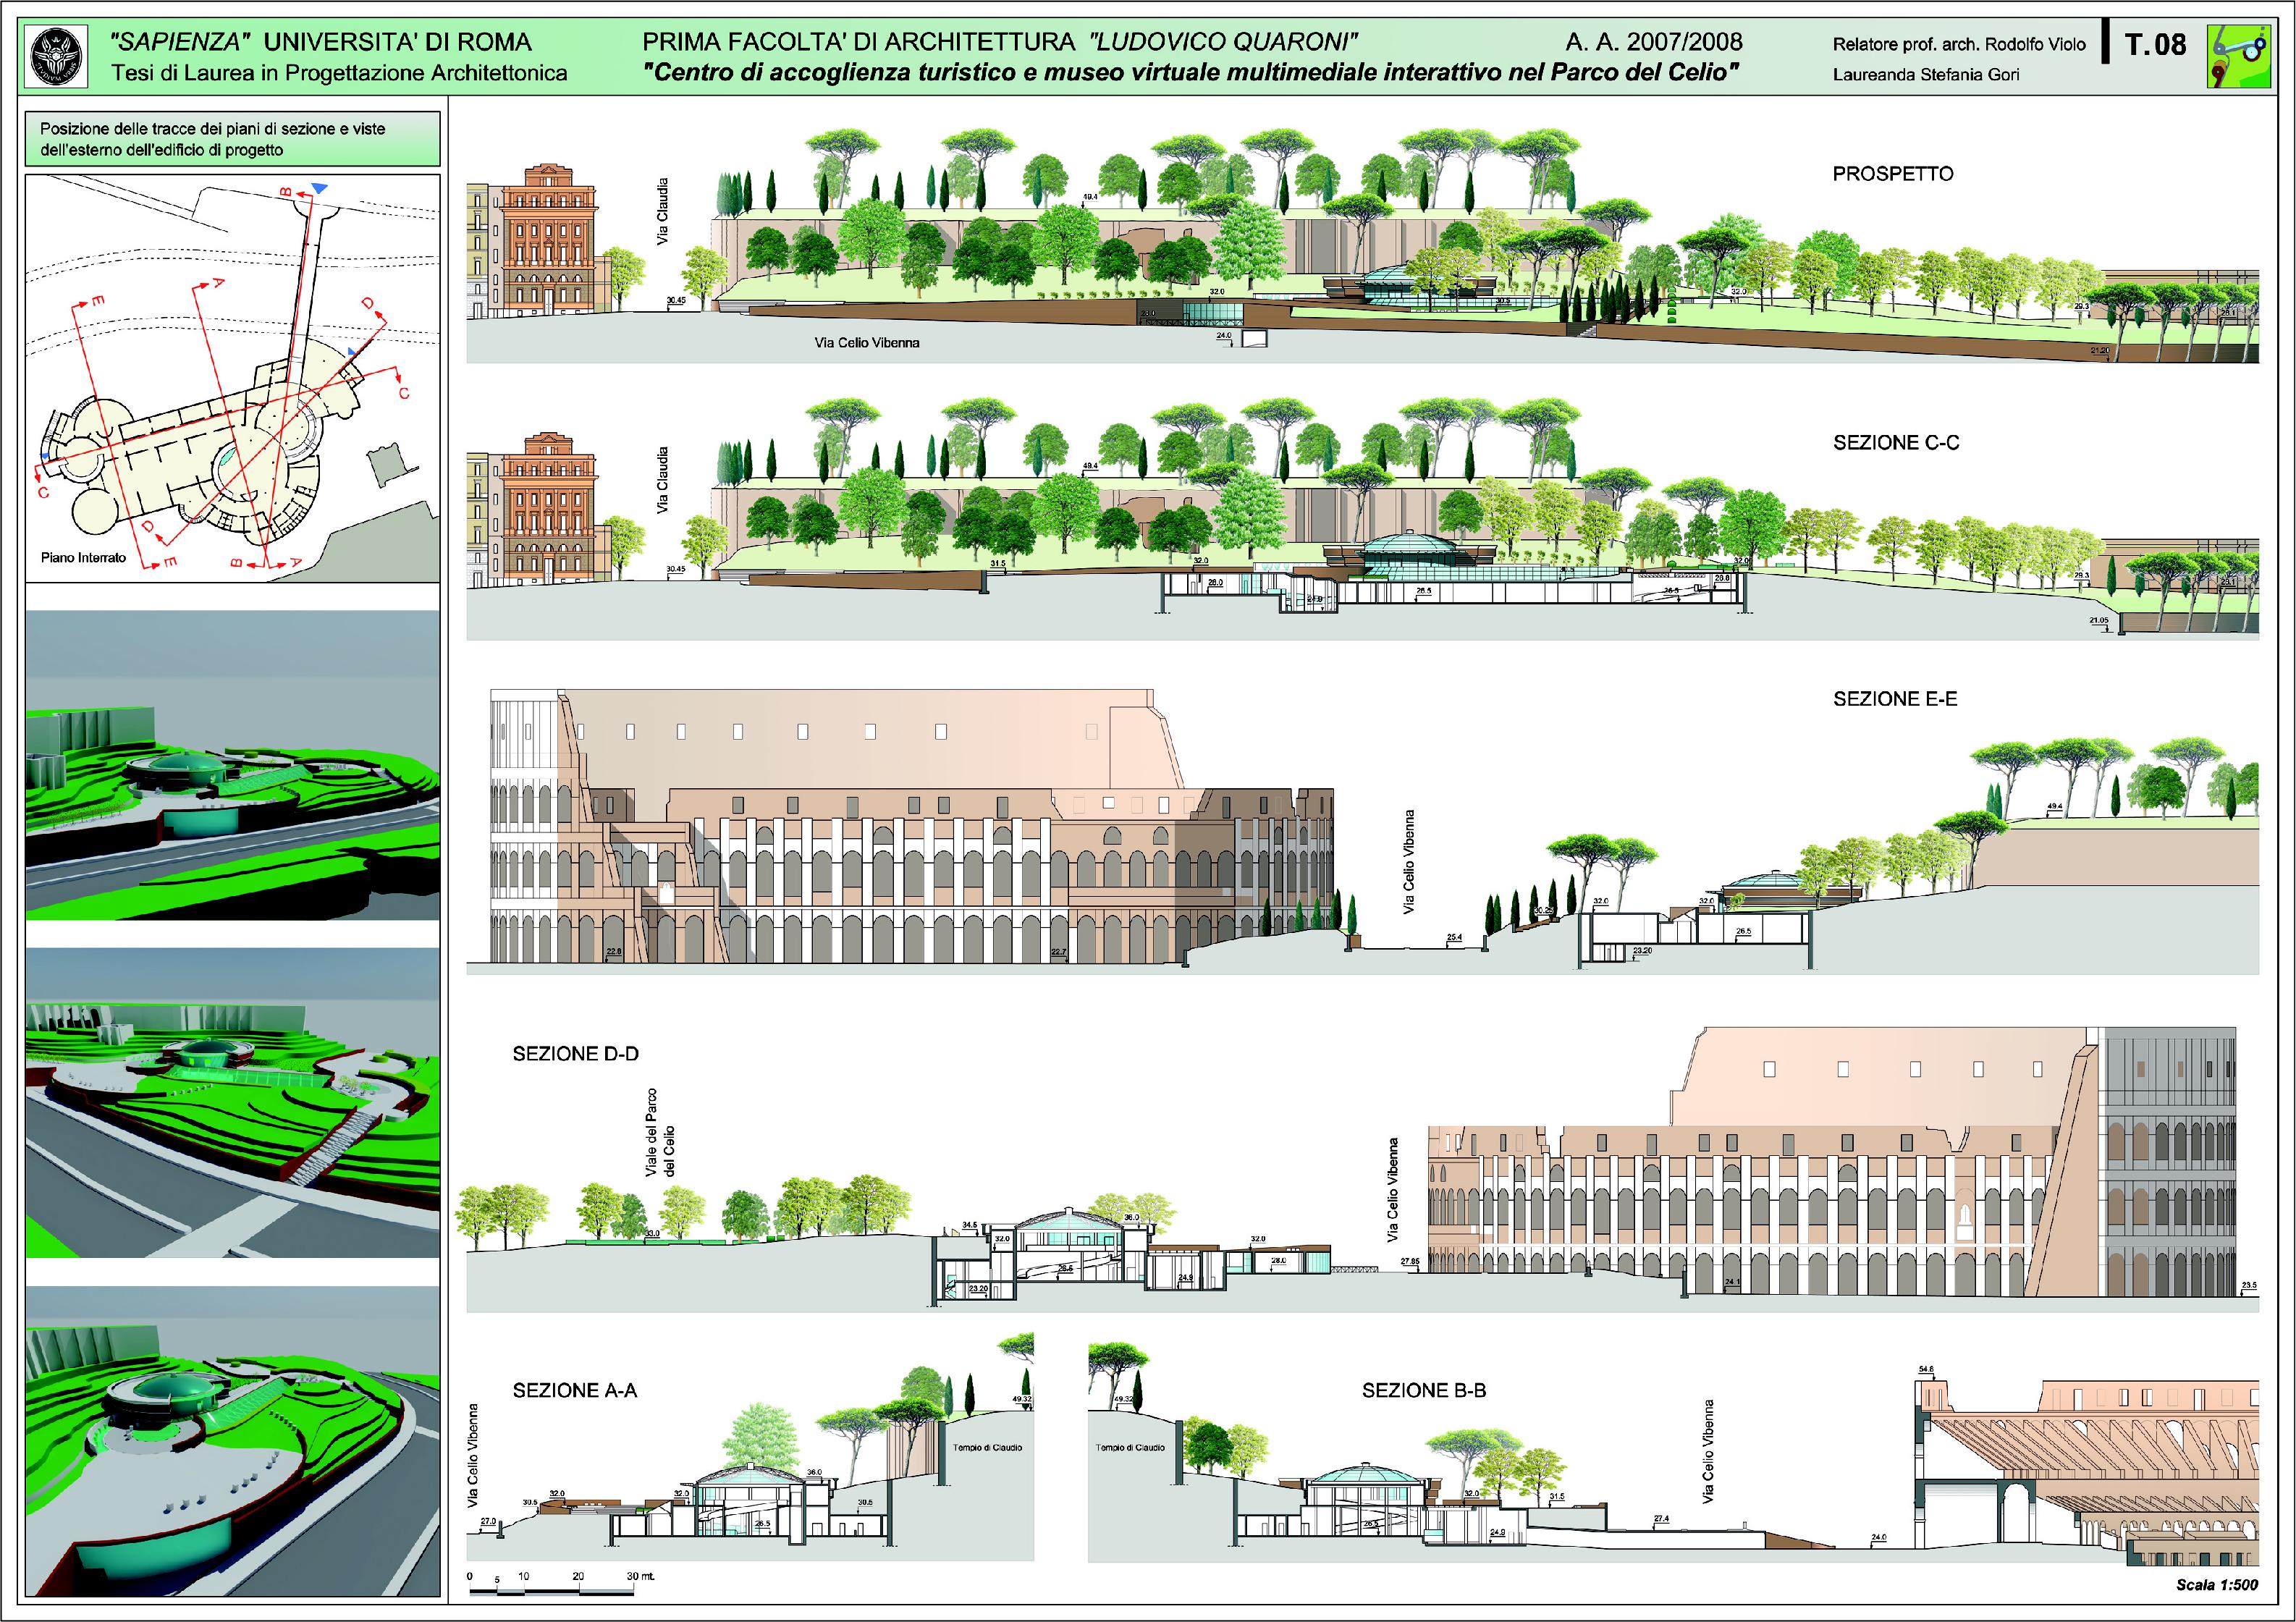 Anteprima tesi progettazione architettonica di un centro for Progettazione di architettura online